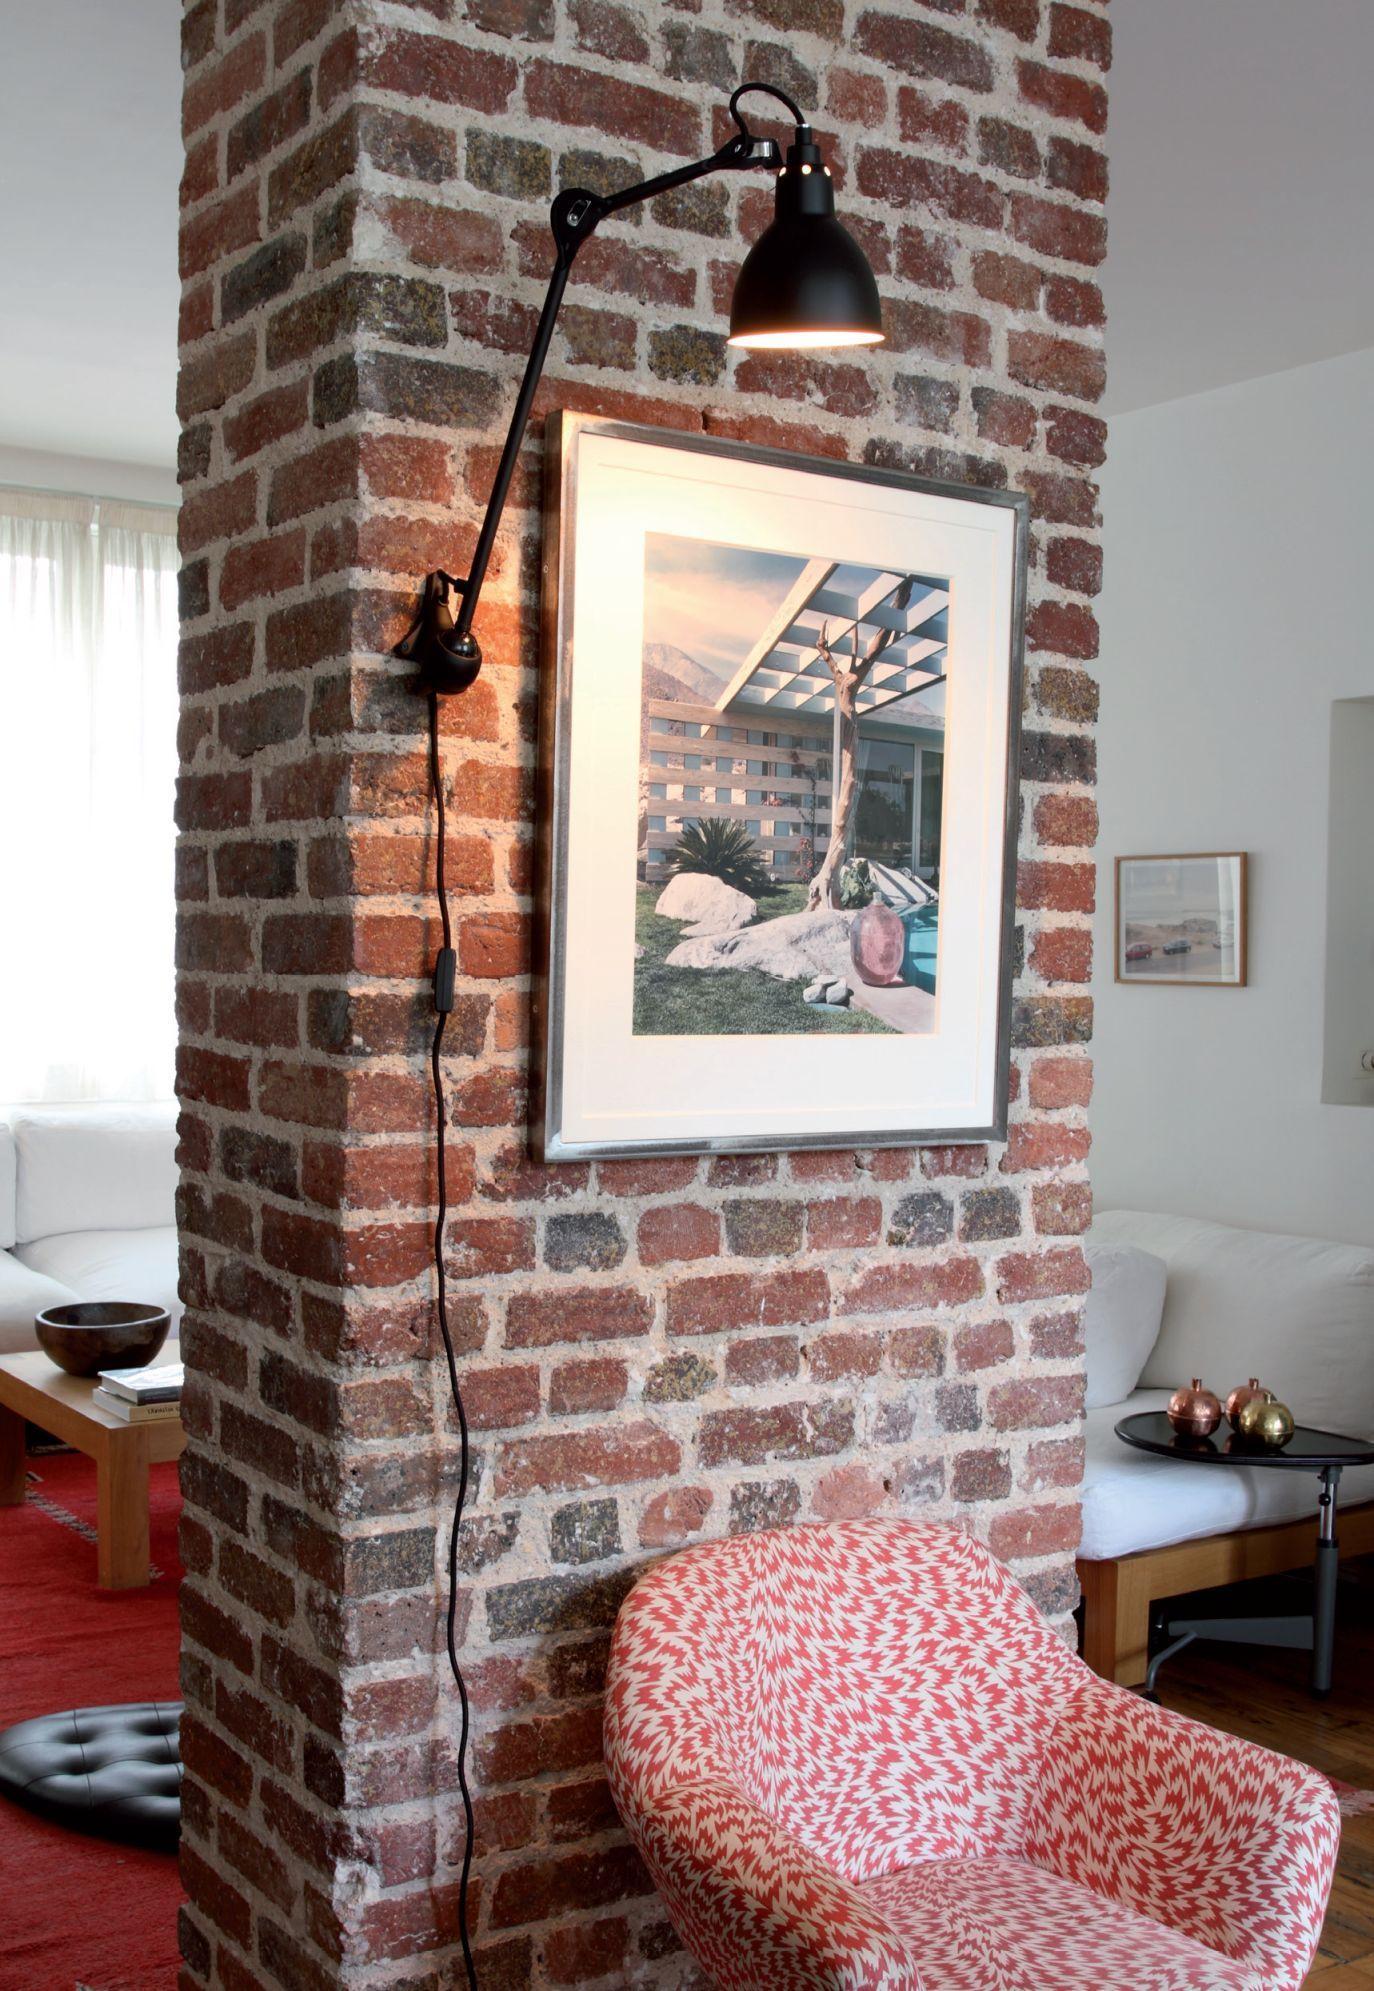 Replica lampe gras 222 for Kartell lampe replica